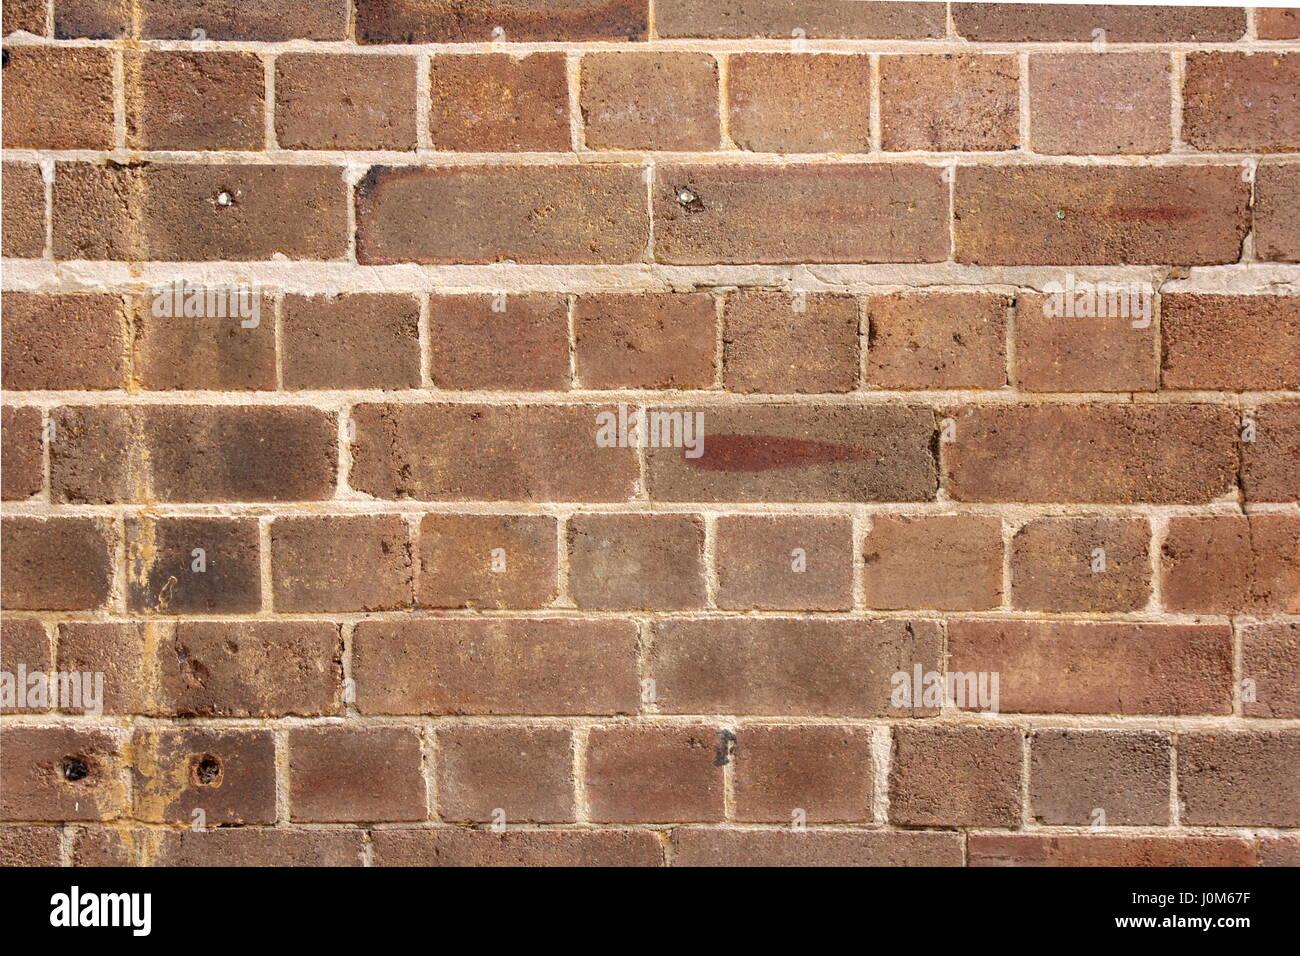 Pared de ladrillo Vintage ideal para fondos y texturas Imagen De Stock